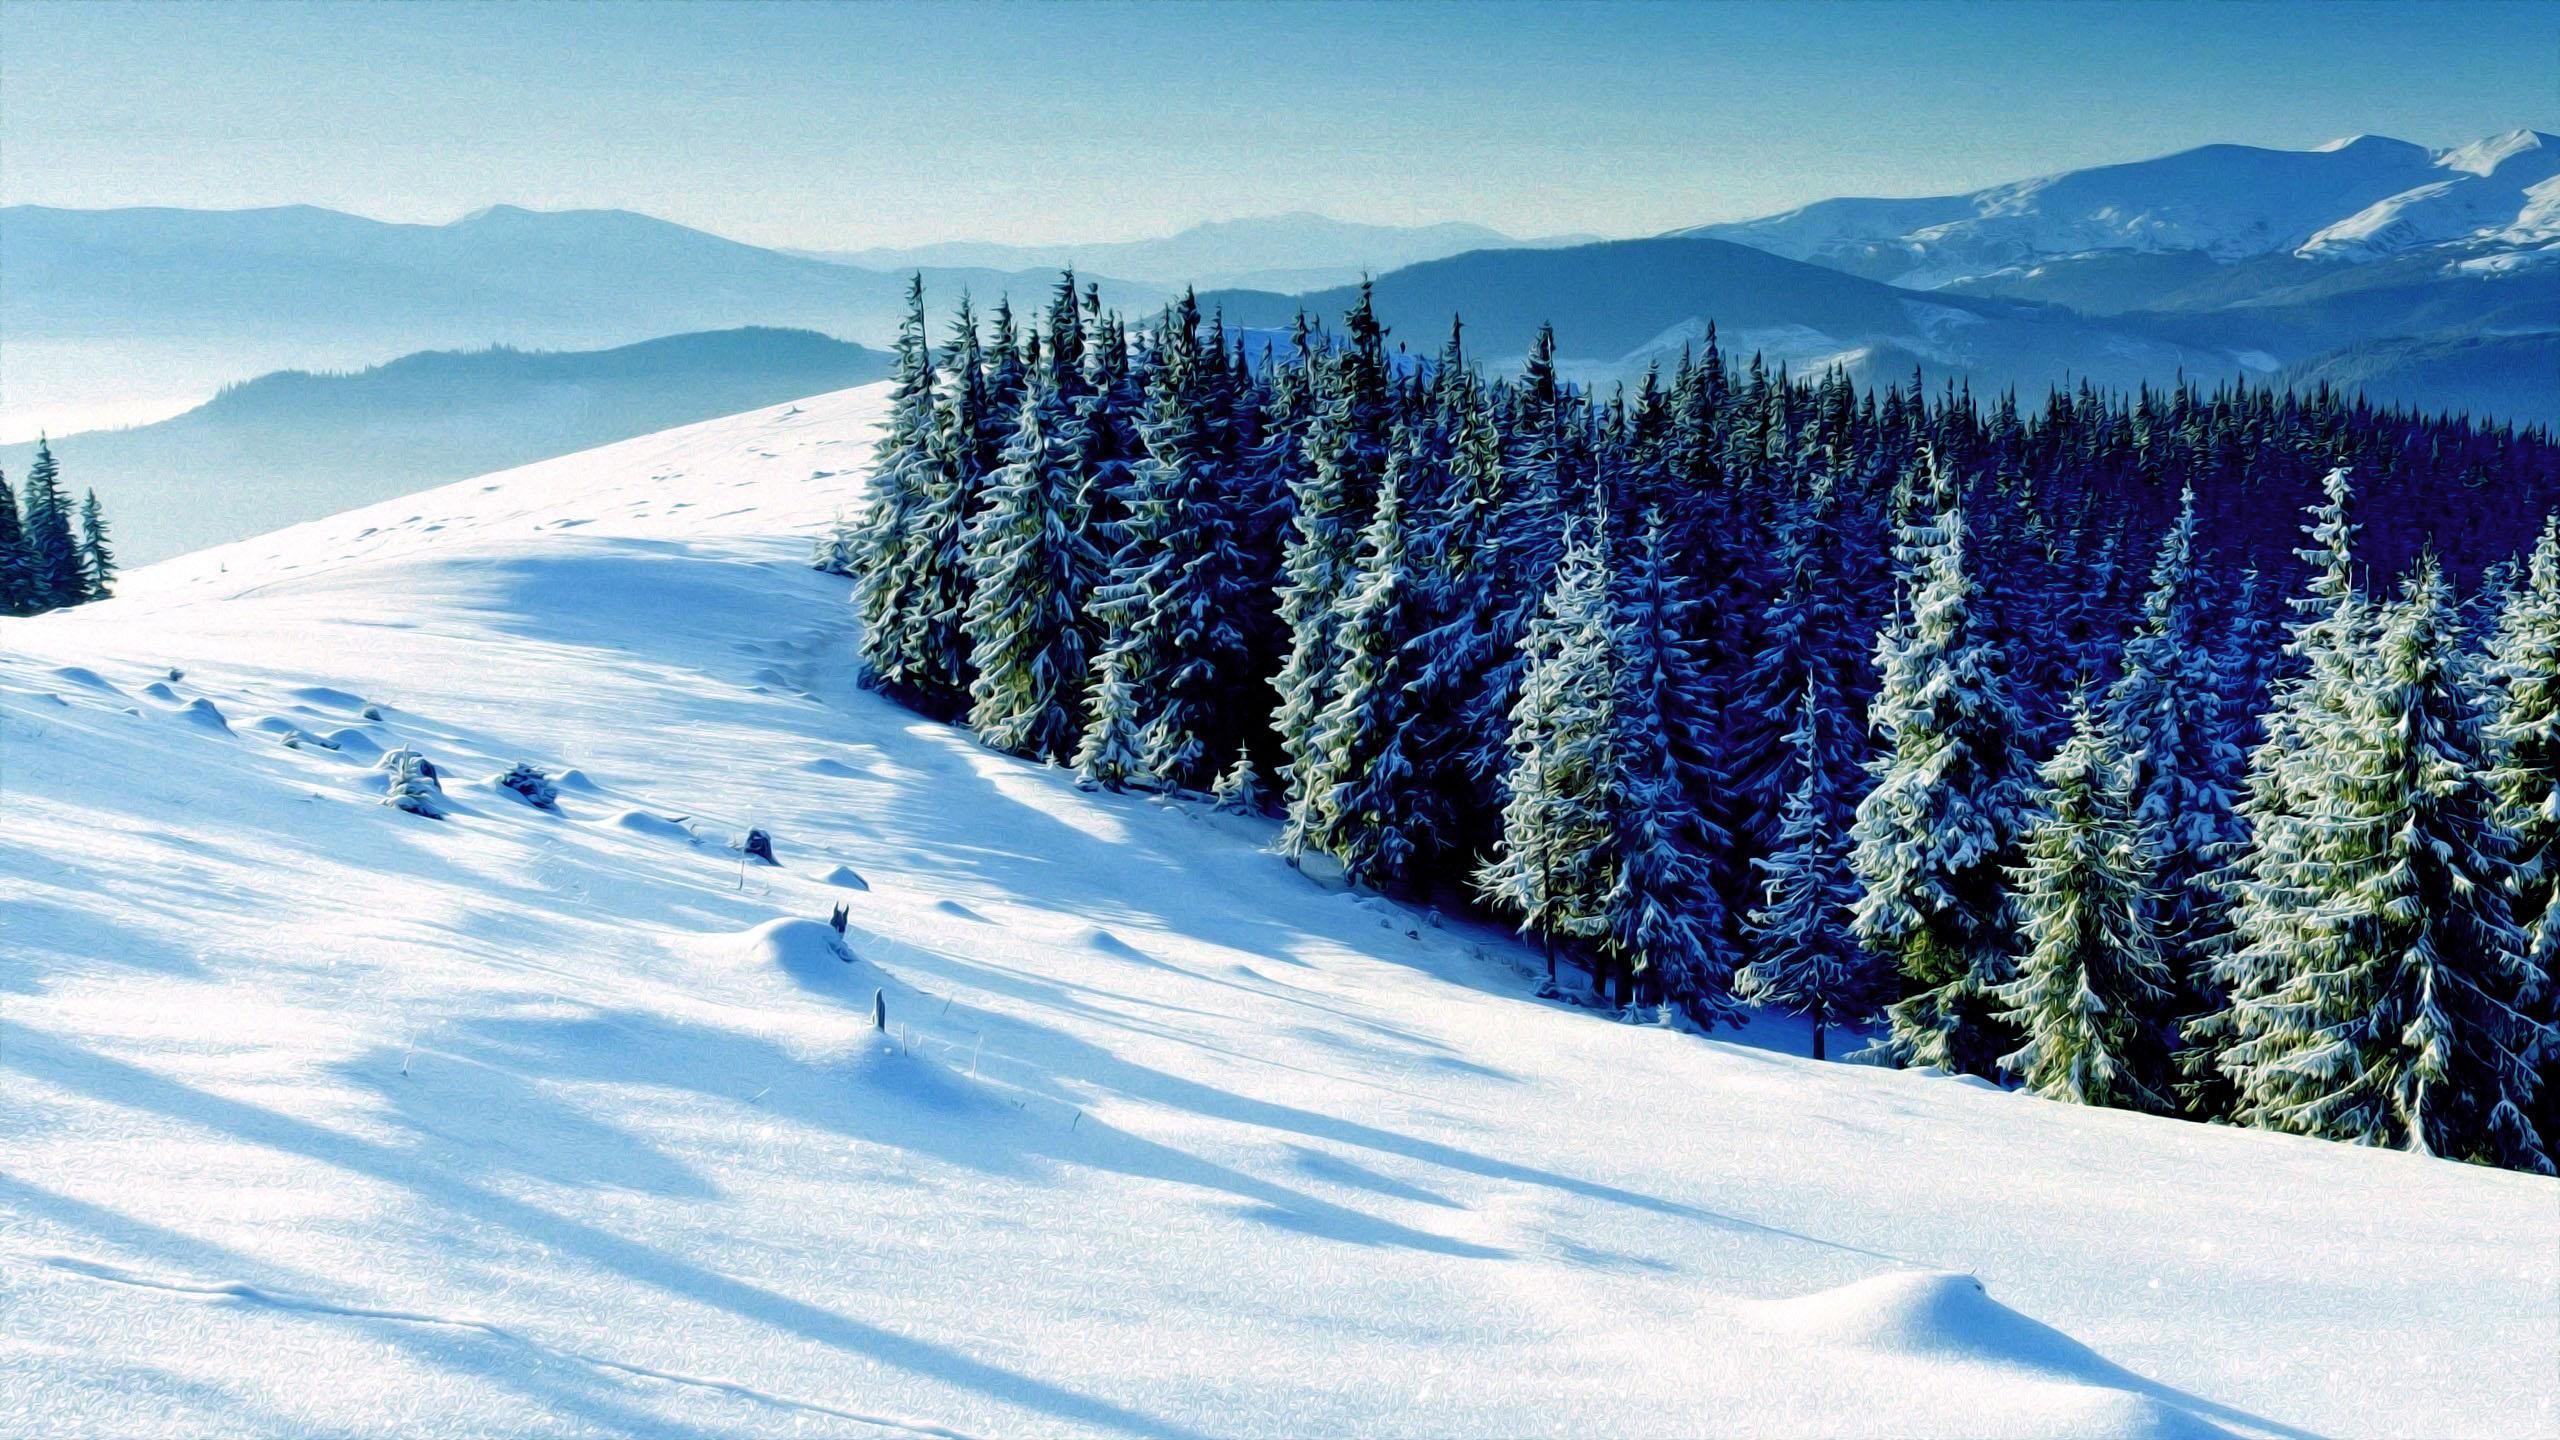 Winter Scene | Free Desktop Wallpapers for Widescreen, HD ...